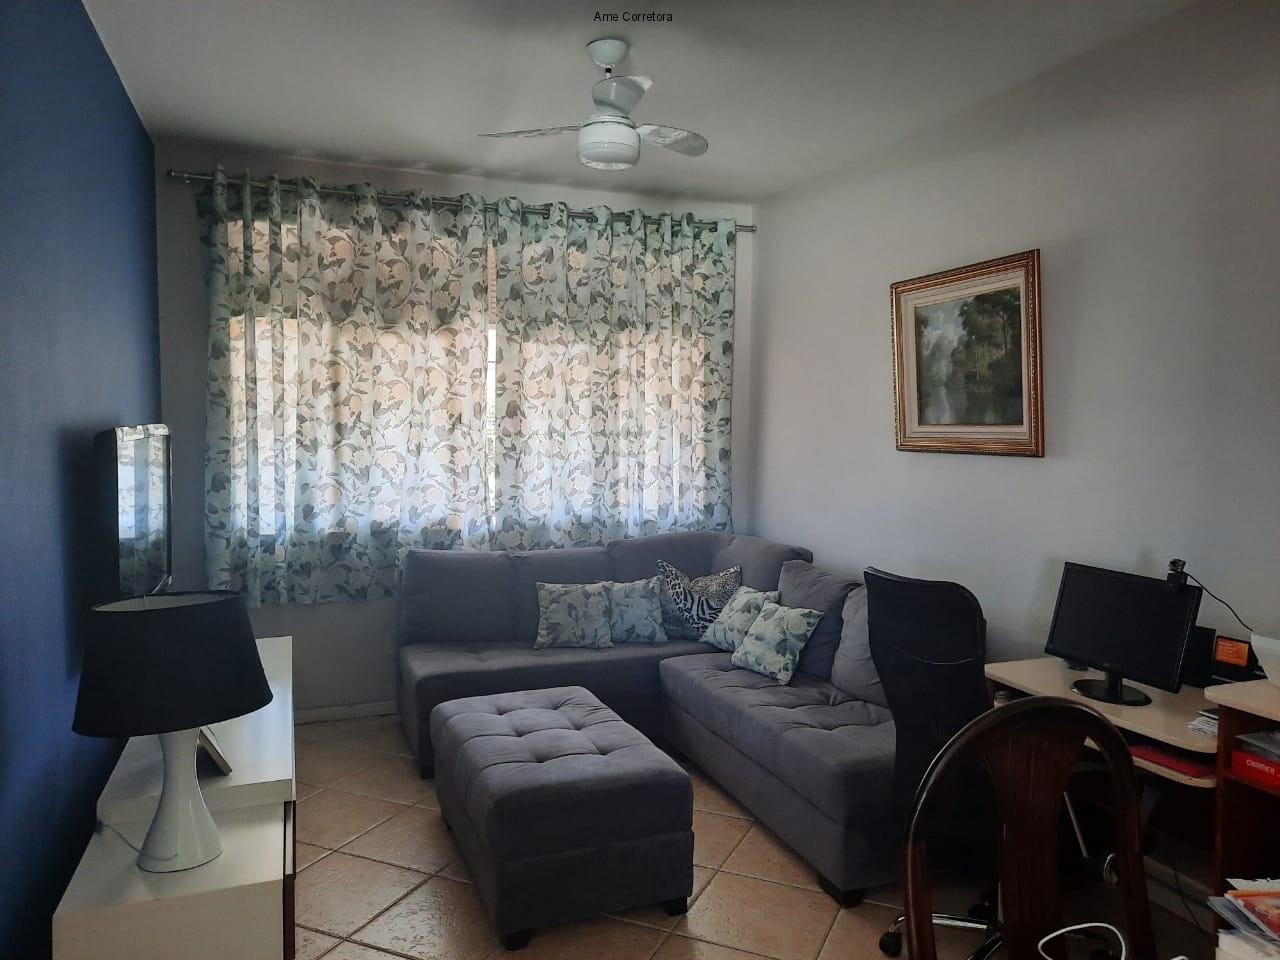 FOTO 02 - Apartamento 3 quartos à venda Rio de Janeiro,RJ - R$ 1.400.000 - AP00410 - 3